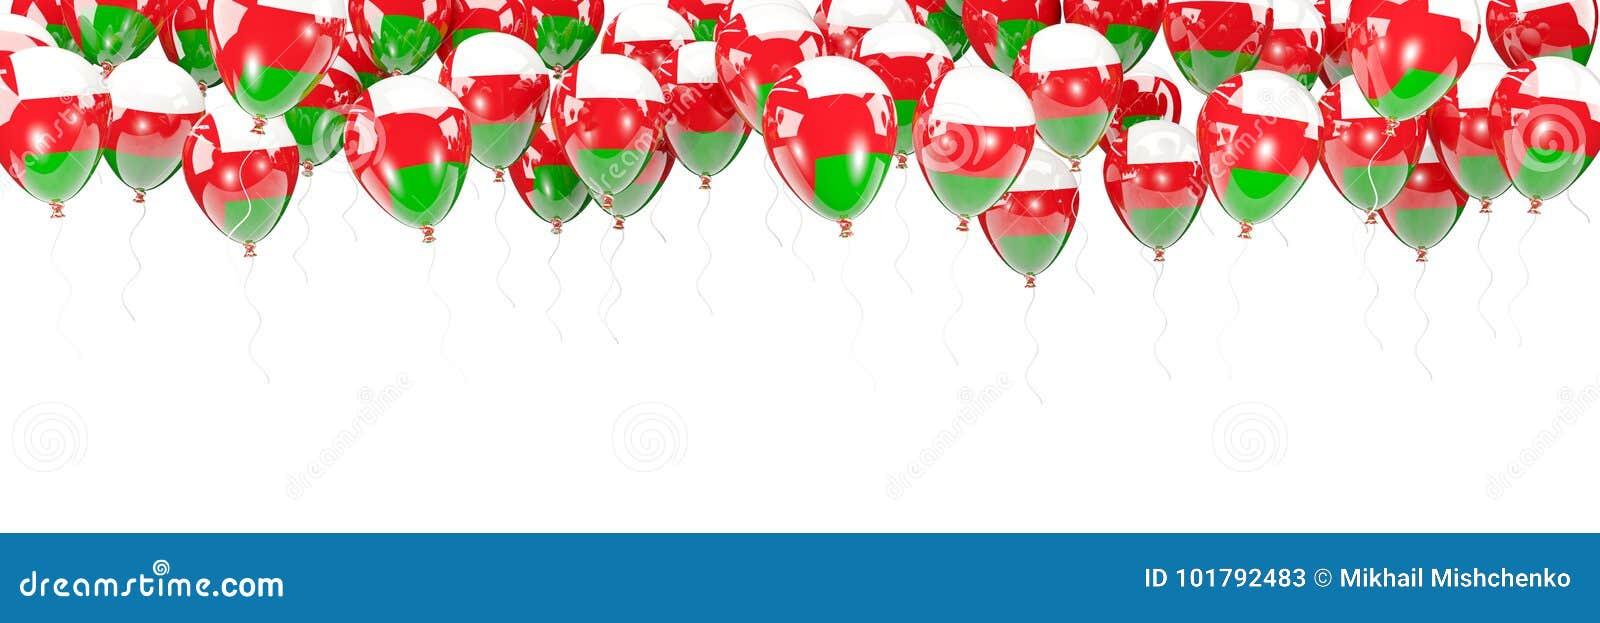 Ballonger inramar med flaggan av Oman